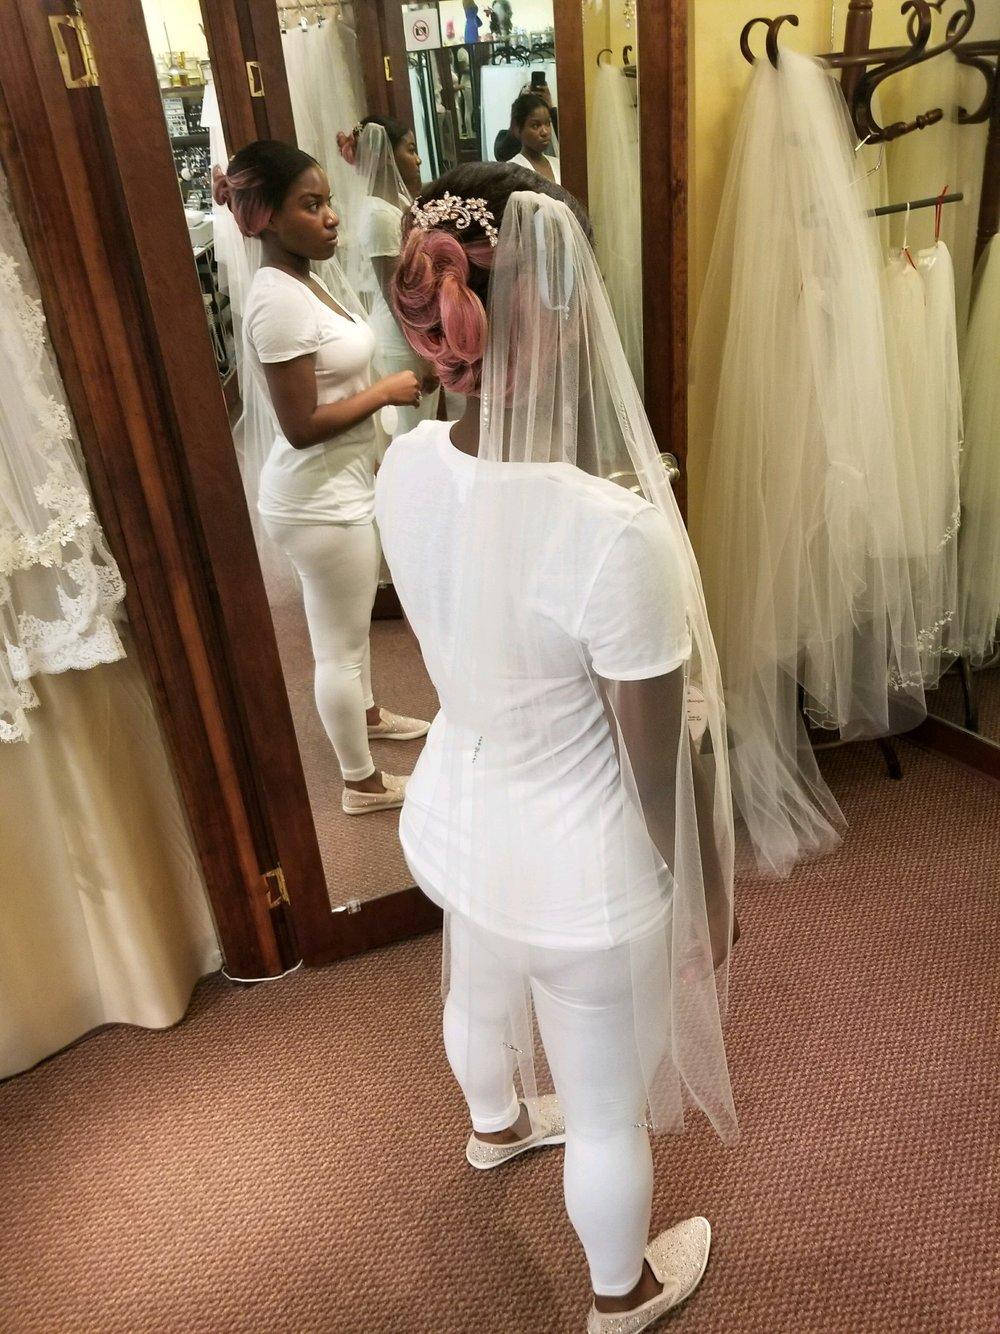 Black Destination Bride - BlackDesti Wedding Journal - Bridefriends Podcast -16 Headpiece 2 veils yes 9.JPG